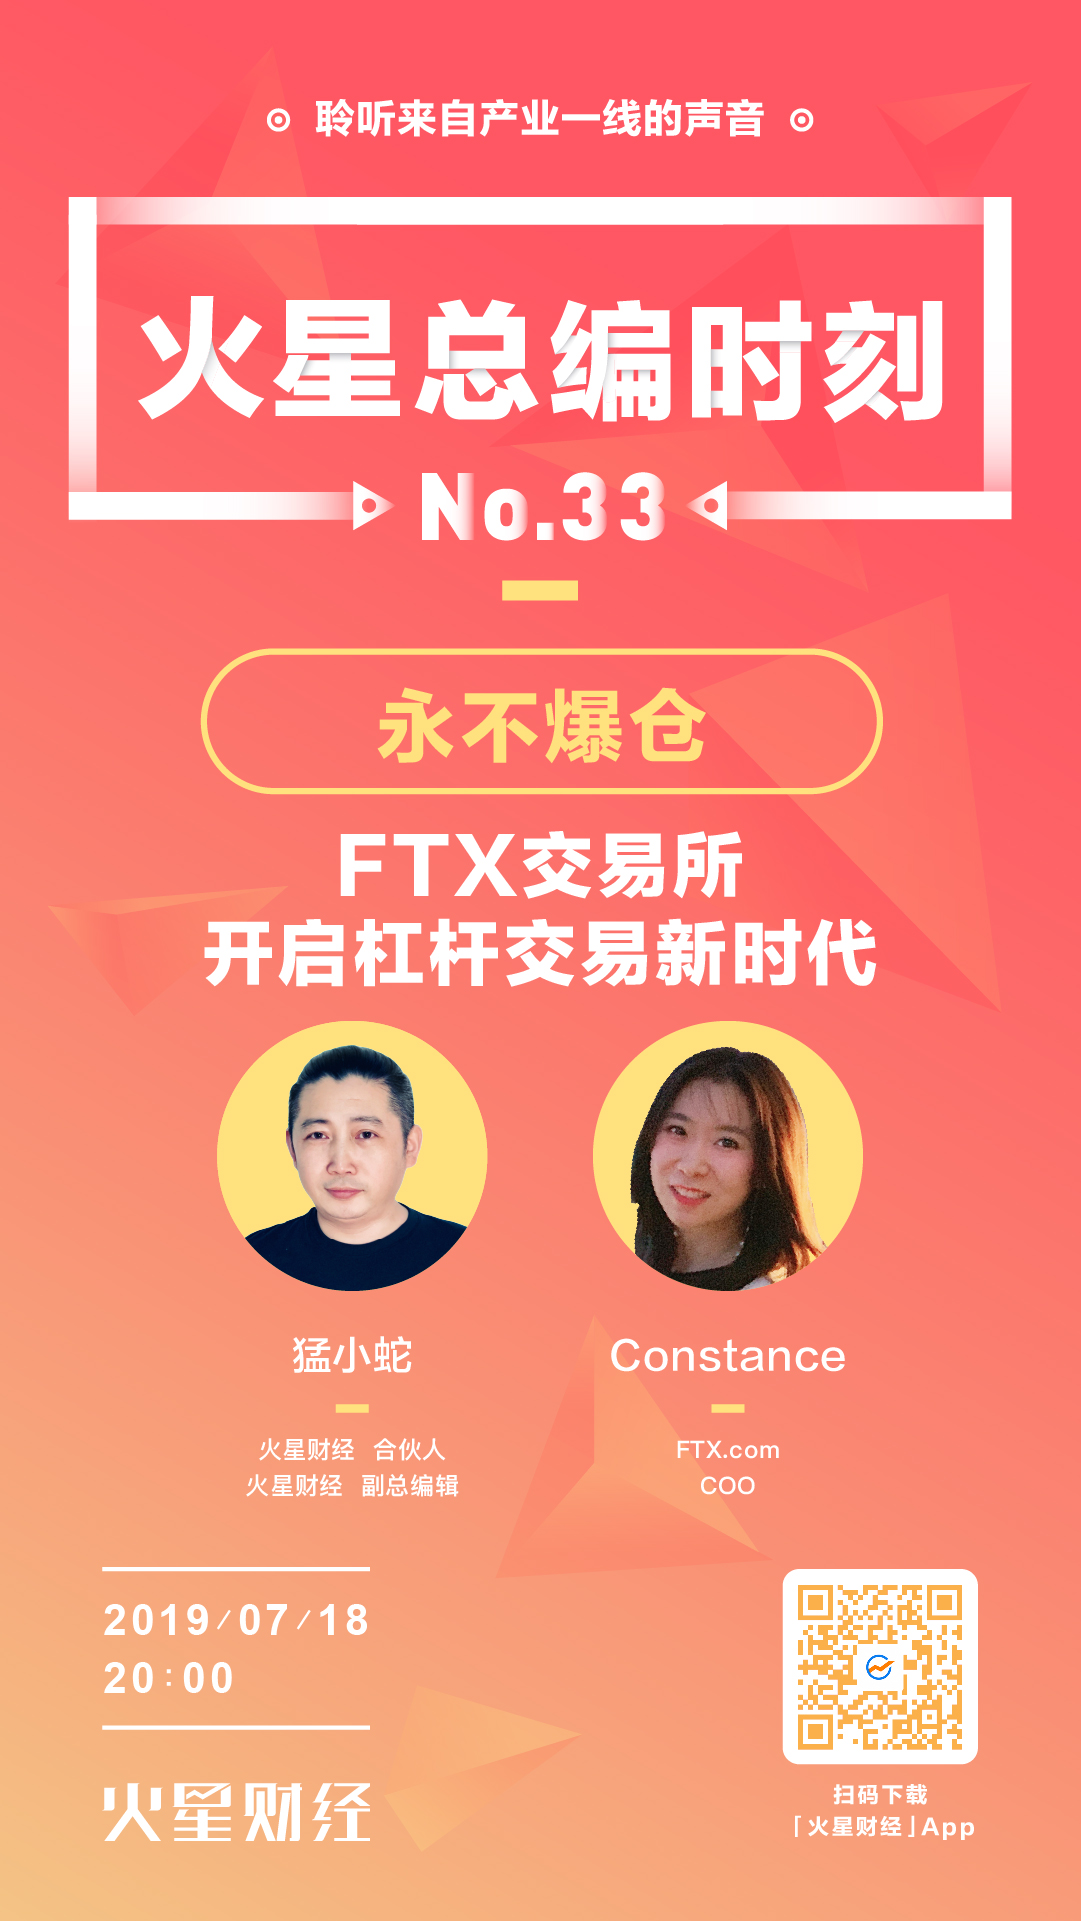 FTX交易所COO Constance:三级清算模型+杠杆代币,让用户永不爆仓